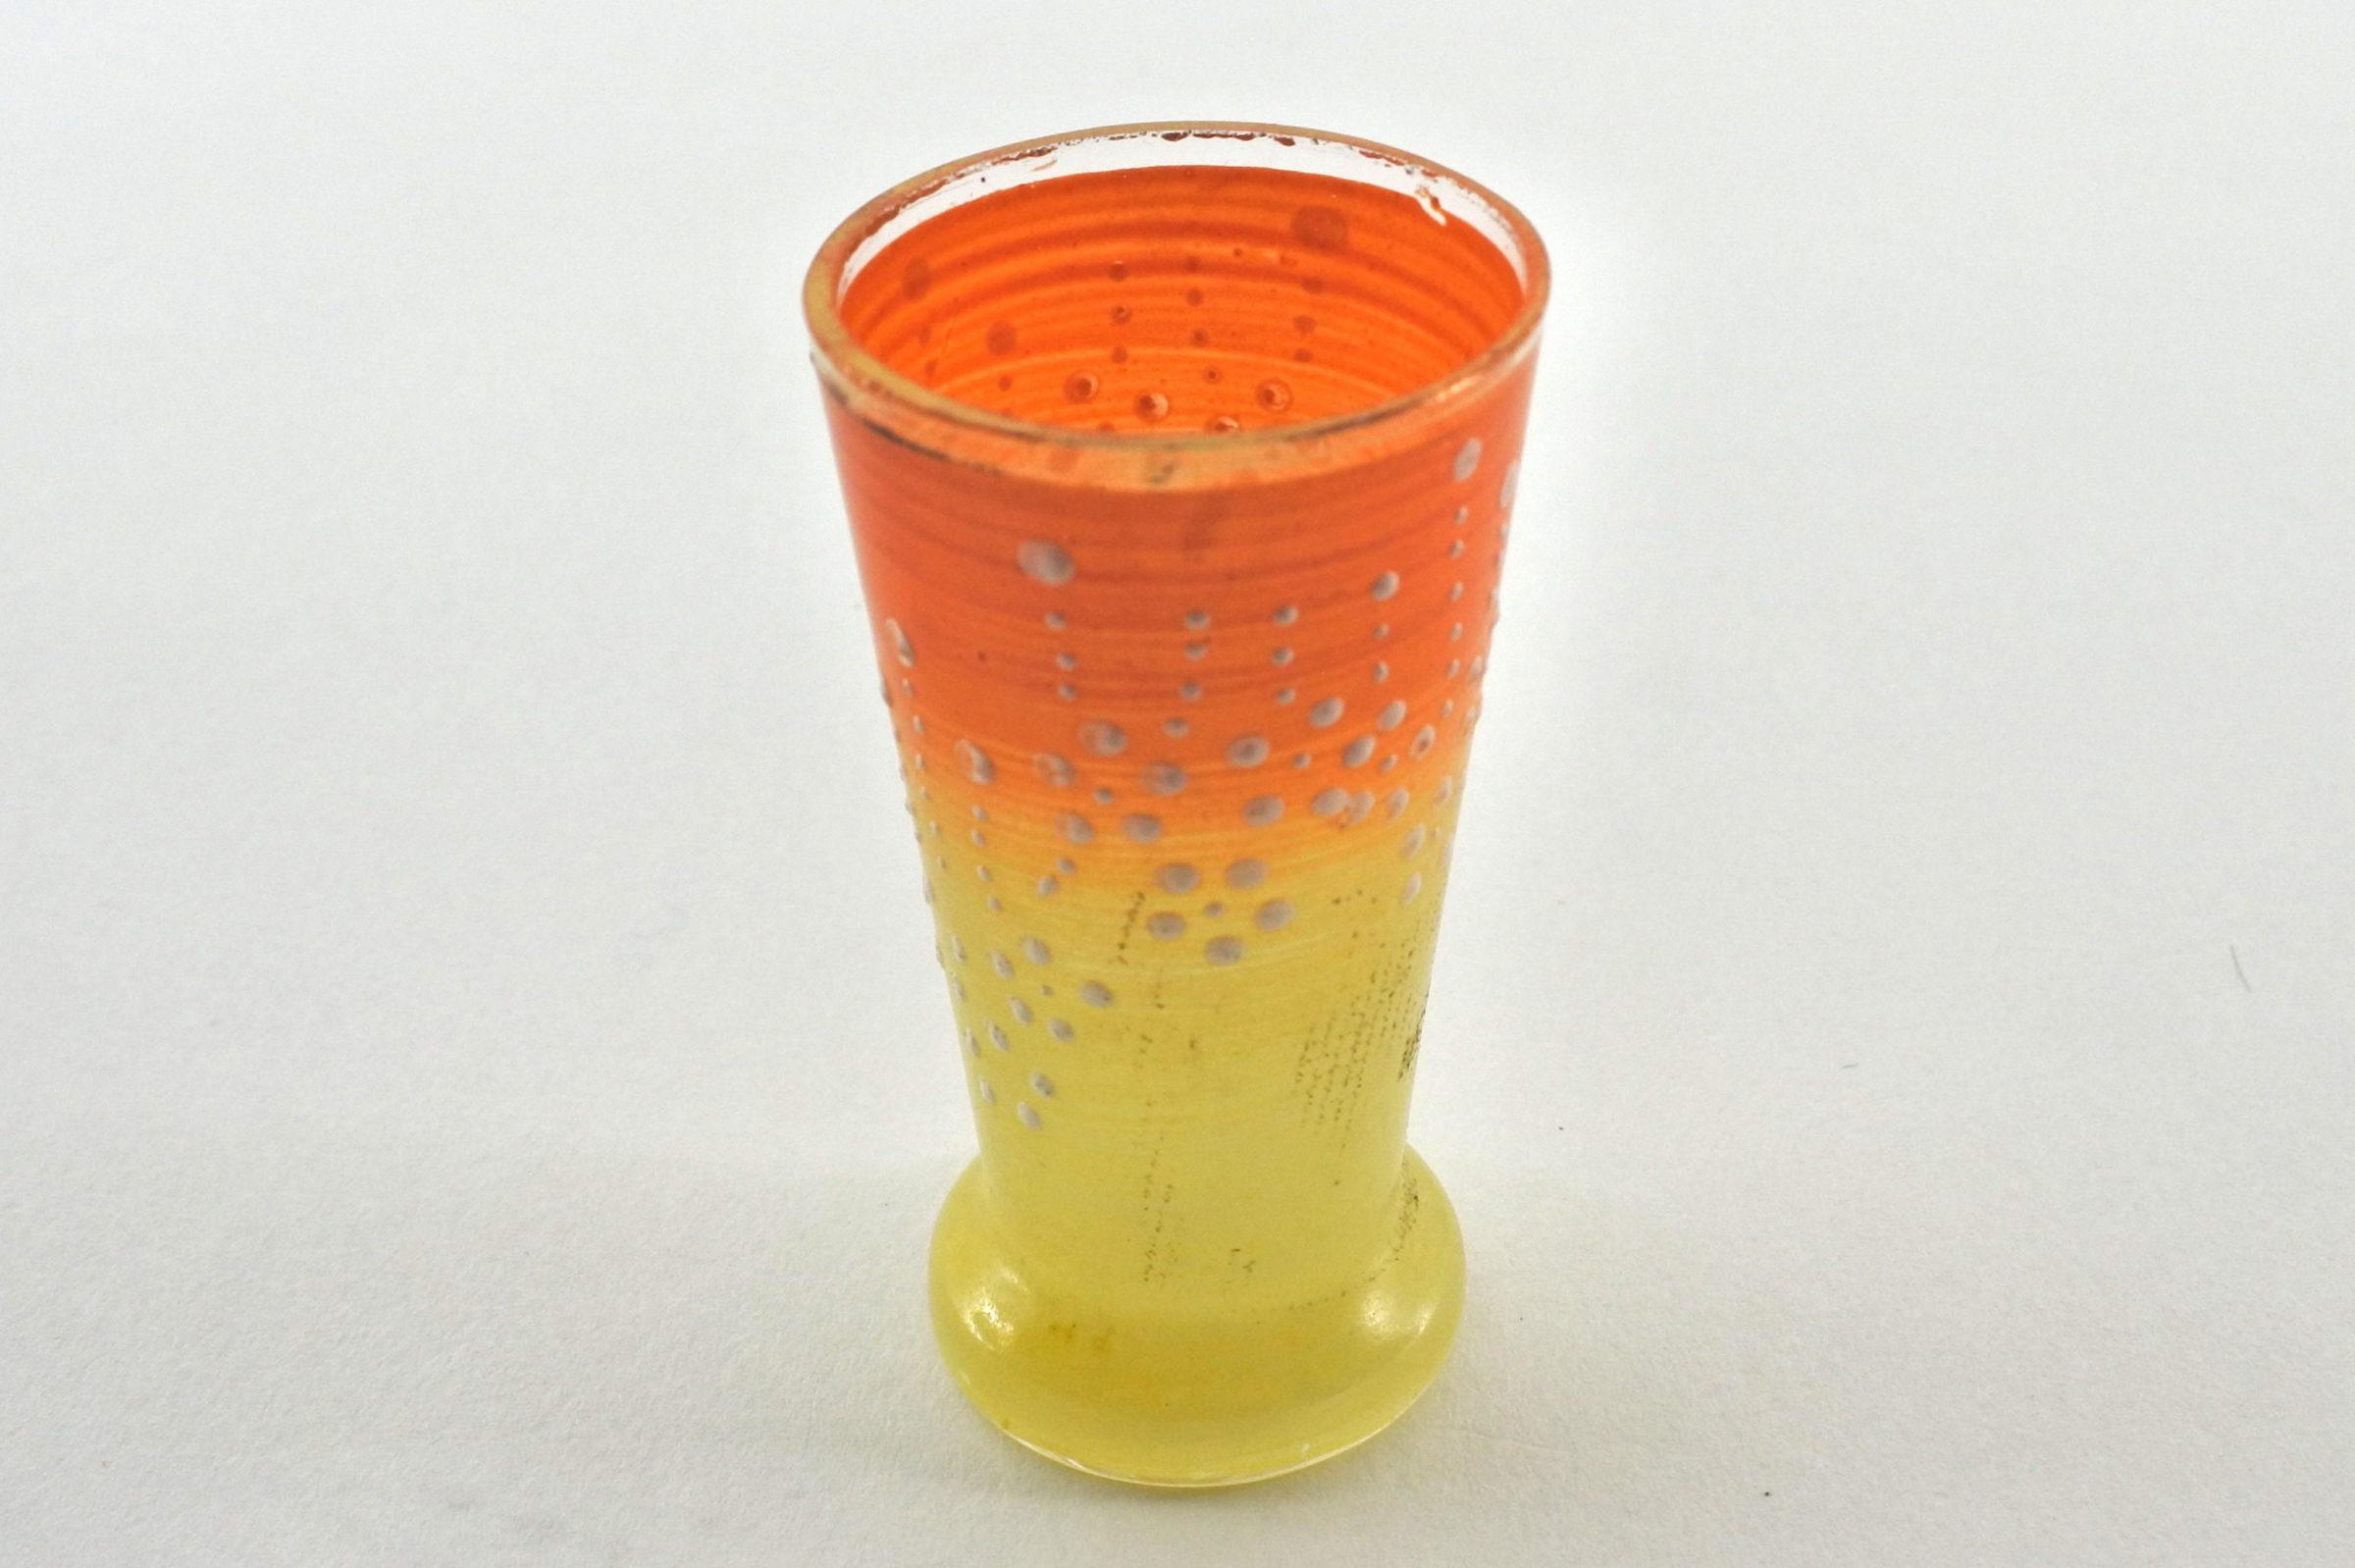 Bicchierino in vetro soffiato giallo e arancione con smalti